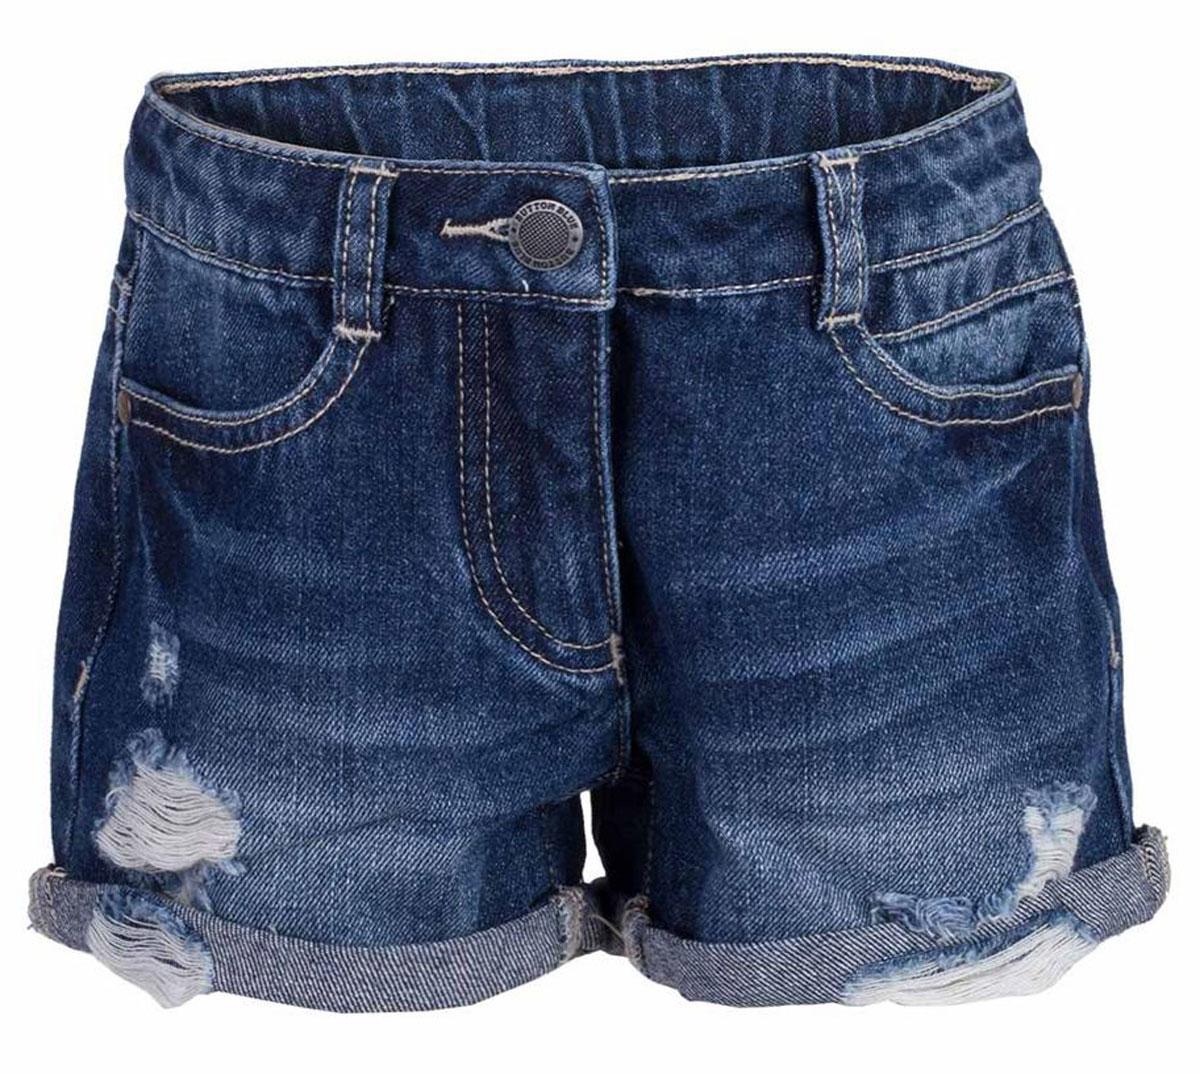 Шорты117BBGC6001D200Джинсовые шорты - залог стильного образа для каждого дня жаркого лета. Отличные шорты по доступной цене гарантируют достойный внешний вид, комфорт и свободу движений. В компании с любой майкой, футболкой, топом, шорты составят прекрасный летний комплект. Если вы хотите купить недорогие детские джинсовые шорты, не сомневаясь в их качестве, высоких потребительских свойствах и соответствии модным трендам, шорты от Button Blue - отличный вариант!